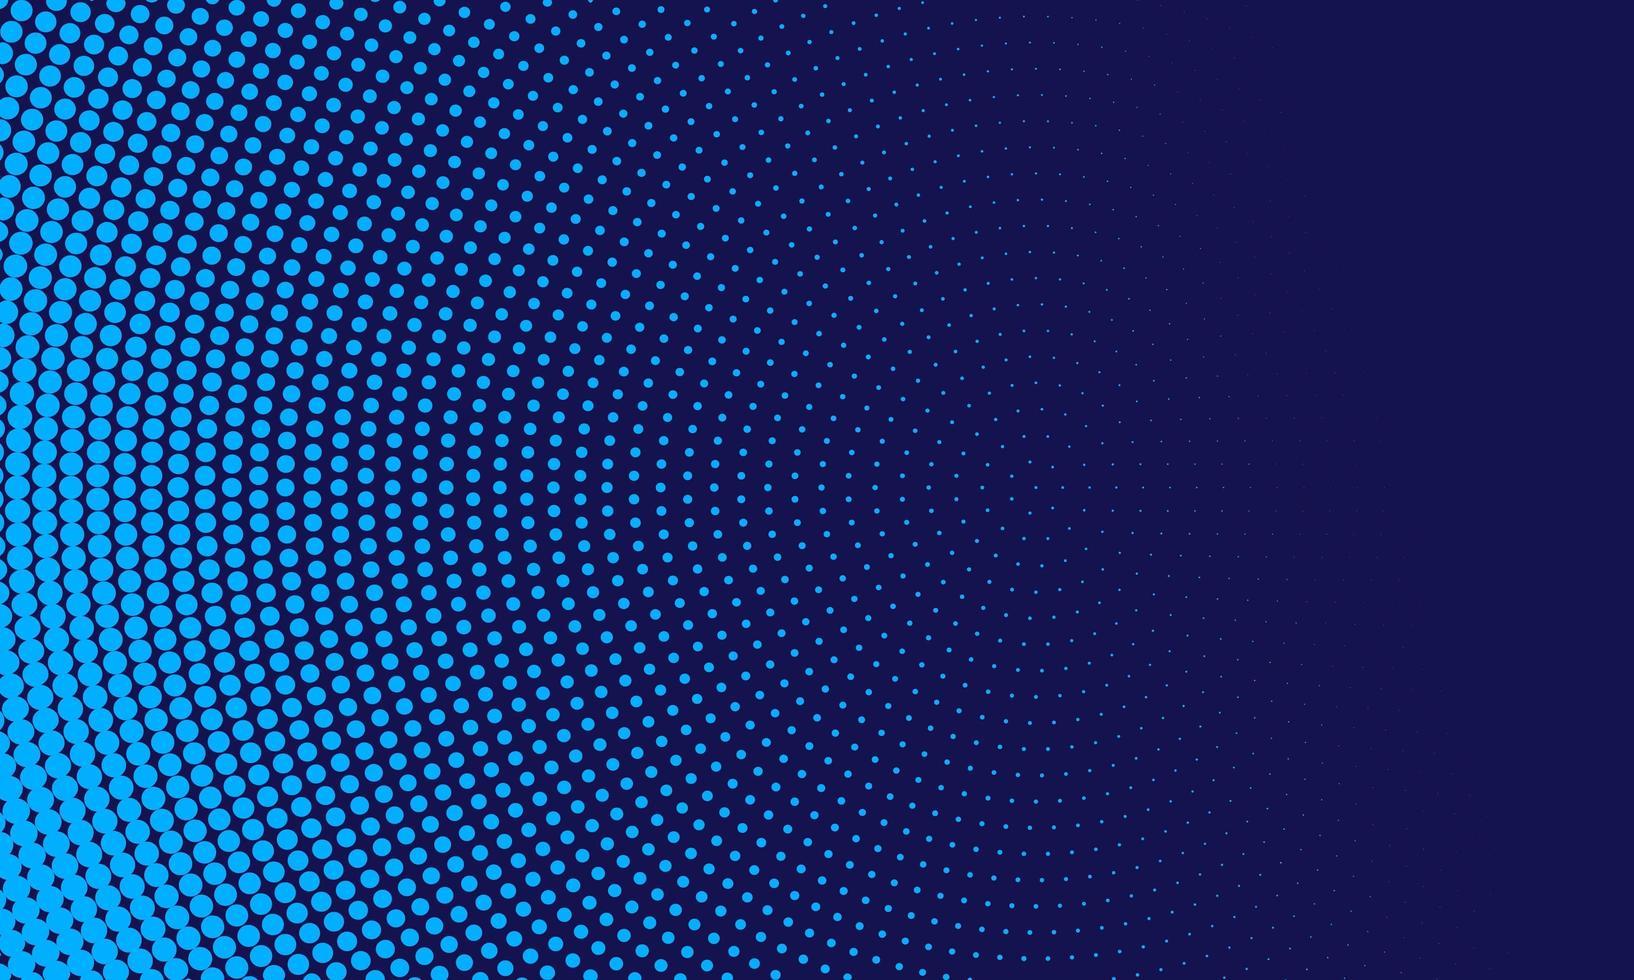 punti astratti di luce blu in cerchio su sfondo blu scuro vettore